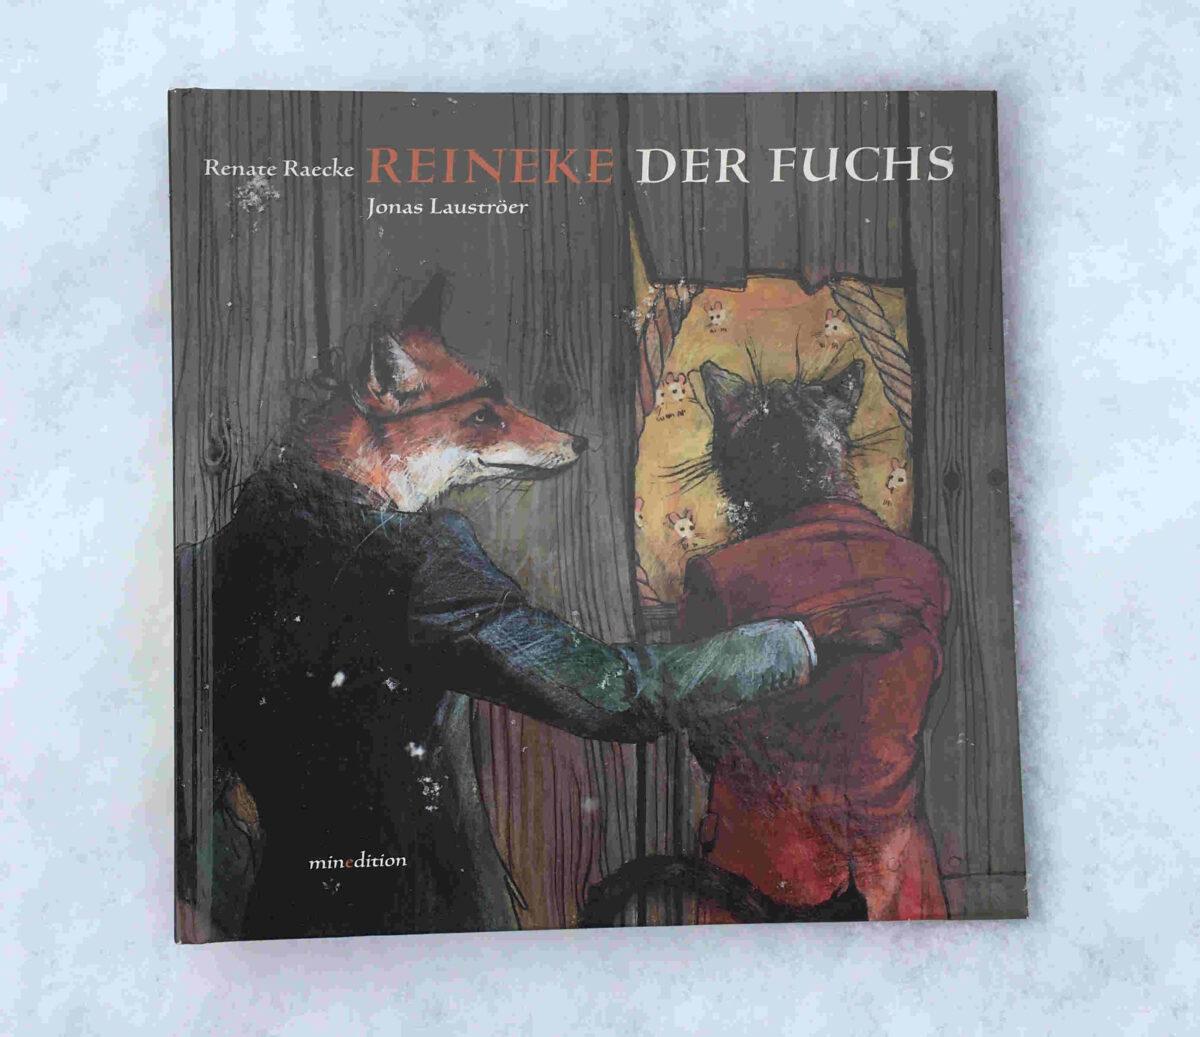 """Der jahrhundertealte Bestseller über """"Reineke Fuchs"""", upgedatet von Renate Raecke und Jonas Lauströer"""